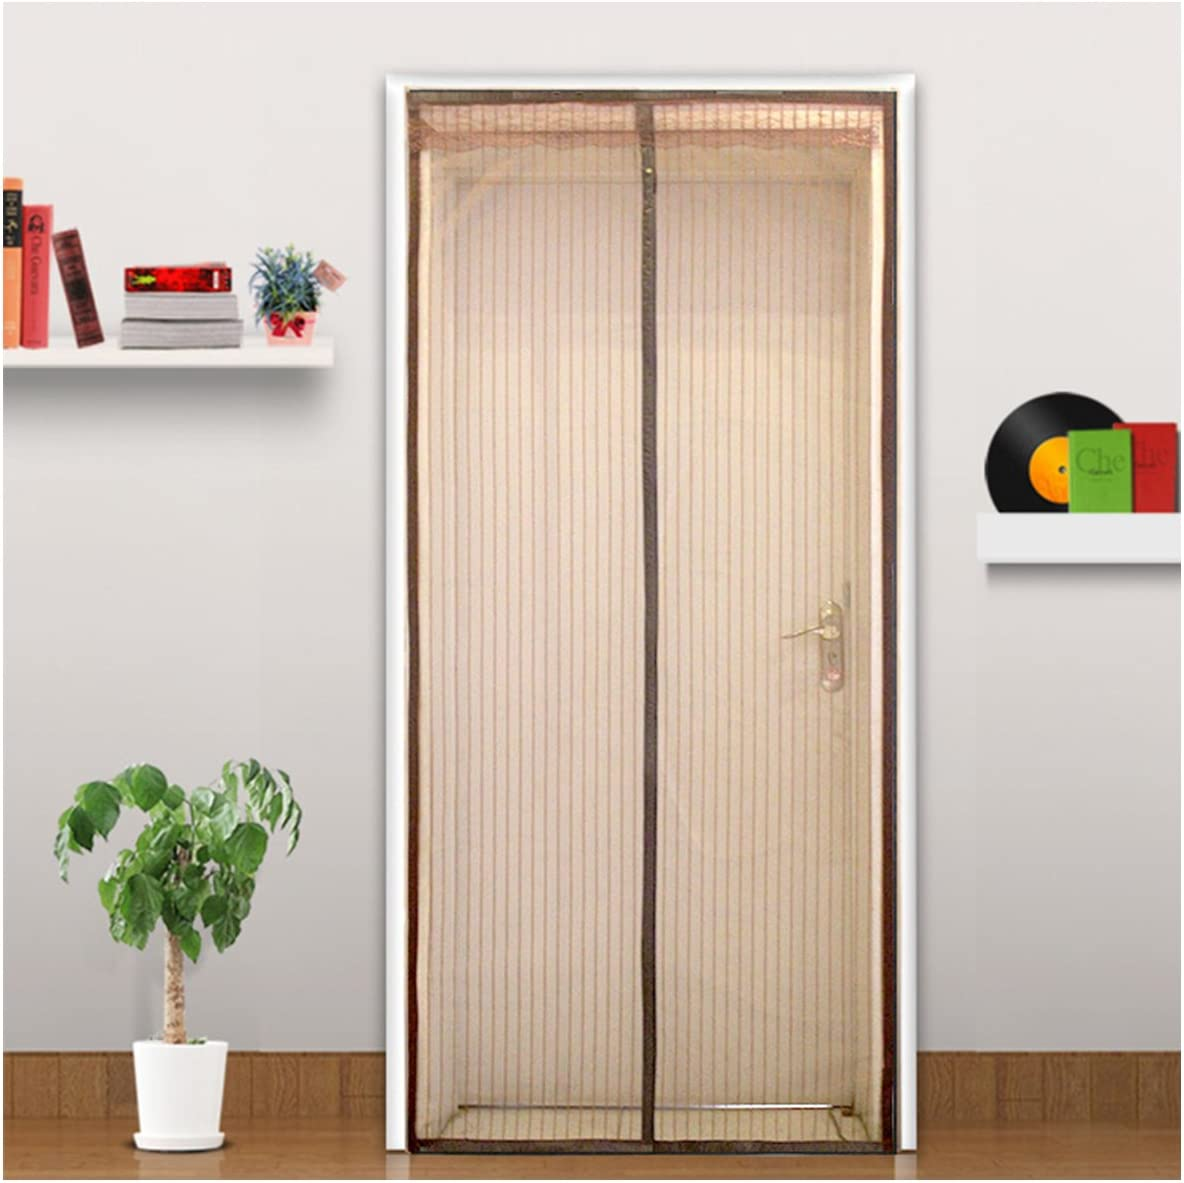 Mosquitera cortina magnético para puertas mosca cortina Mosquitera cortina puerta para balcón para salón puerta corredera Terrazas para puerta: Amazon.es: Bricolaje y herramientas